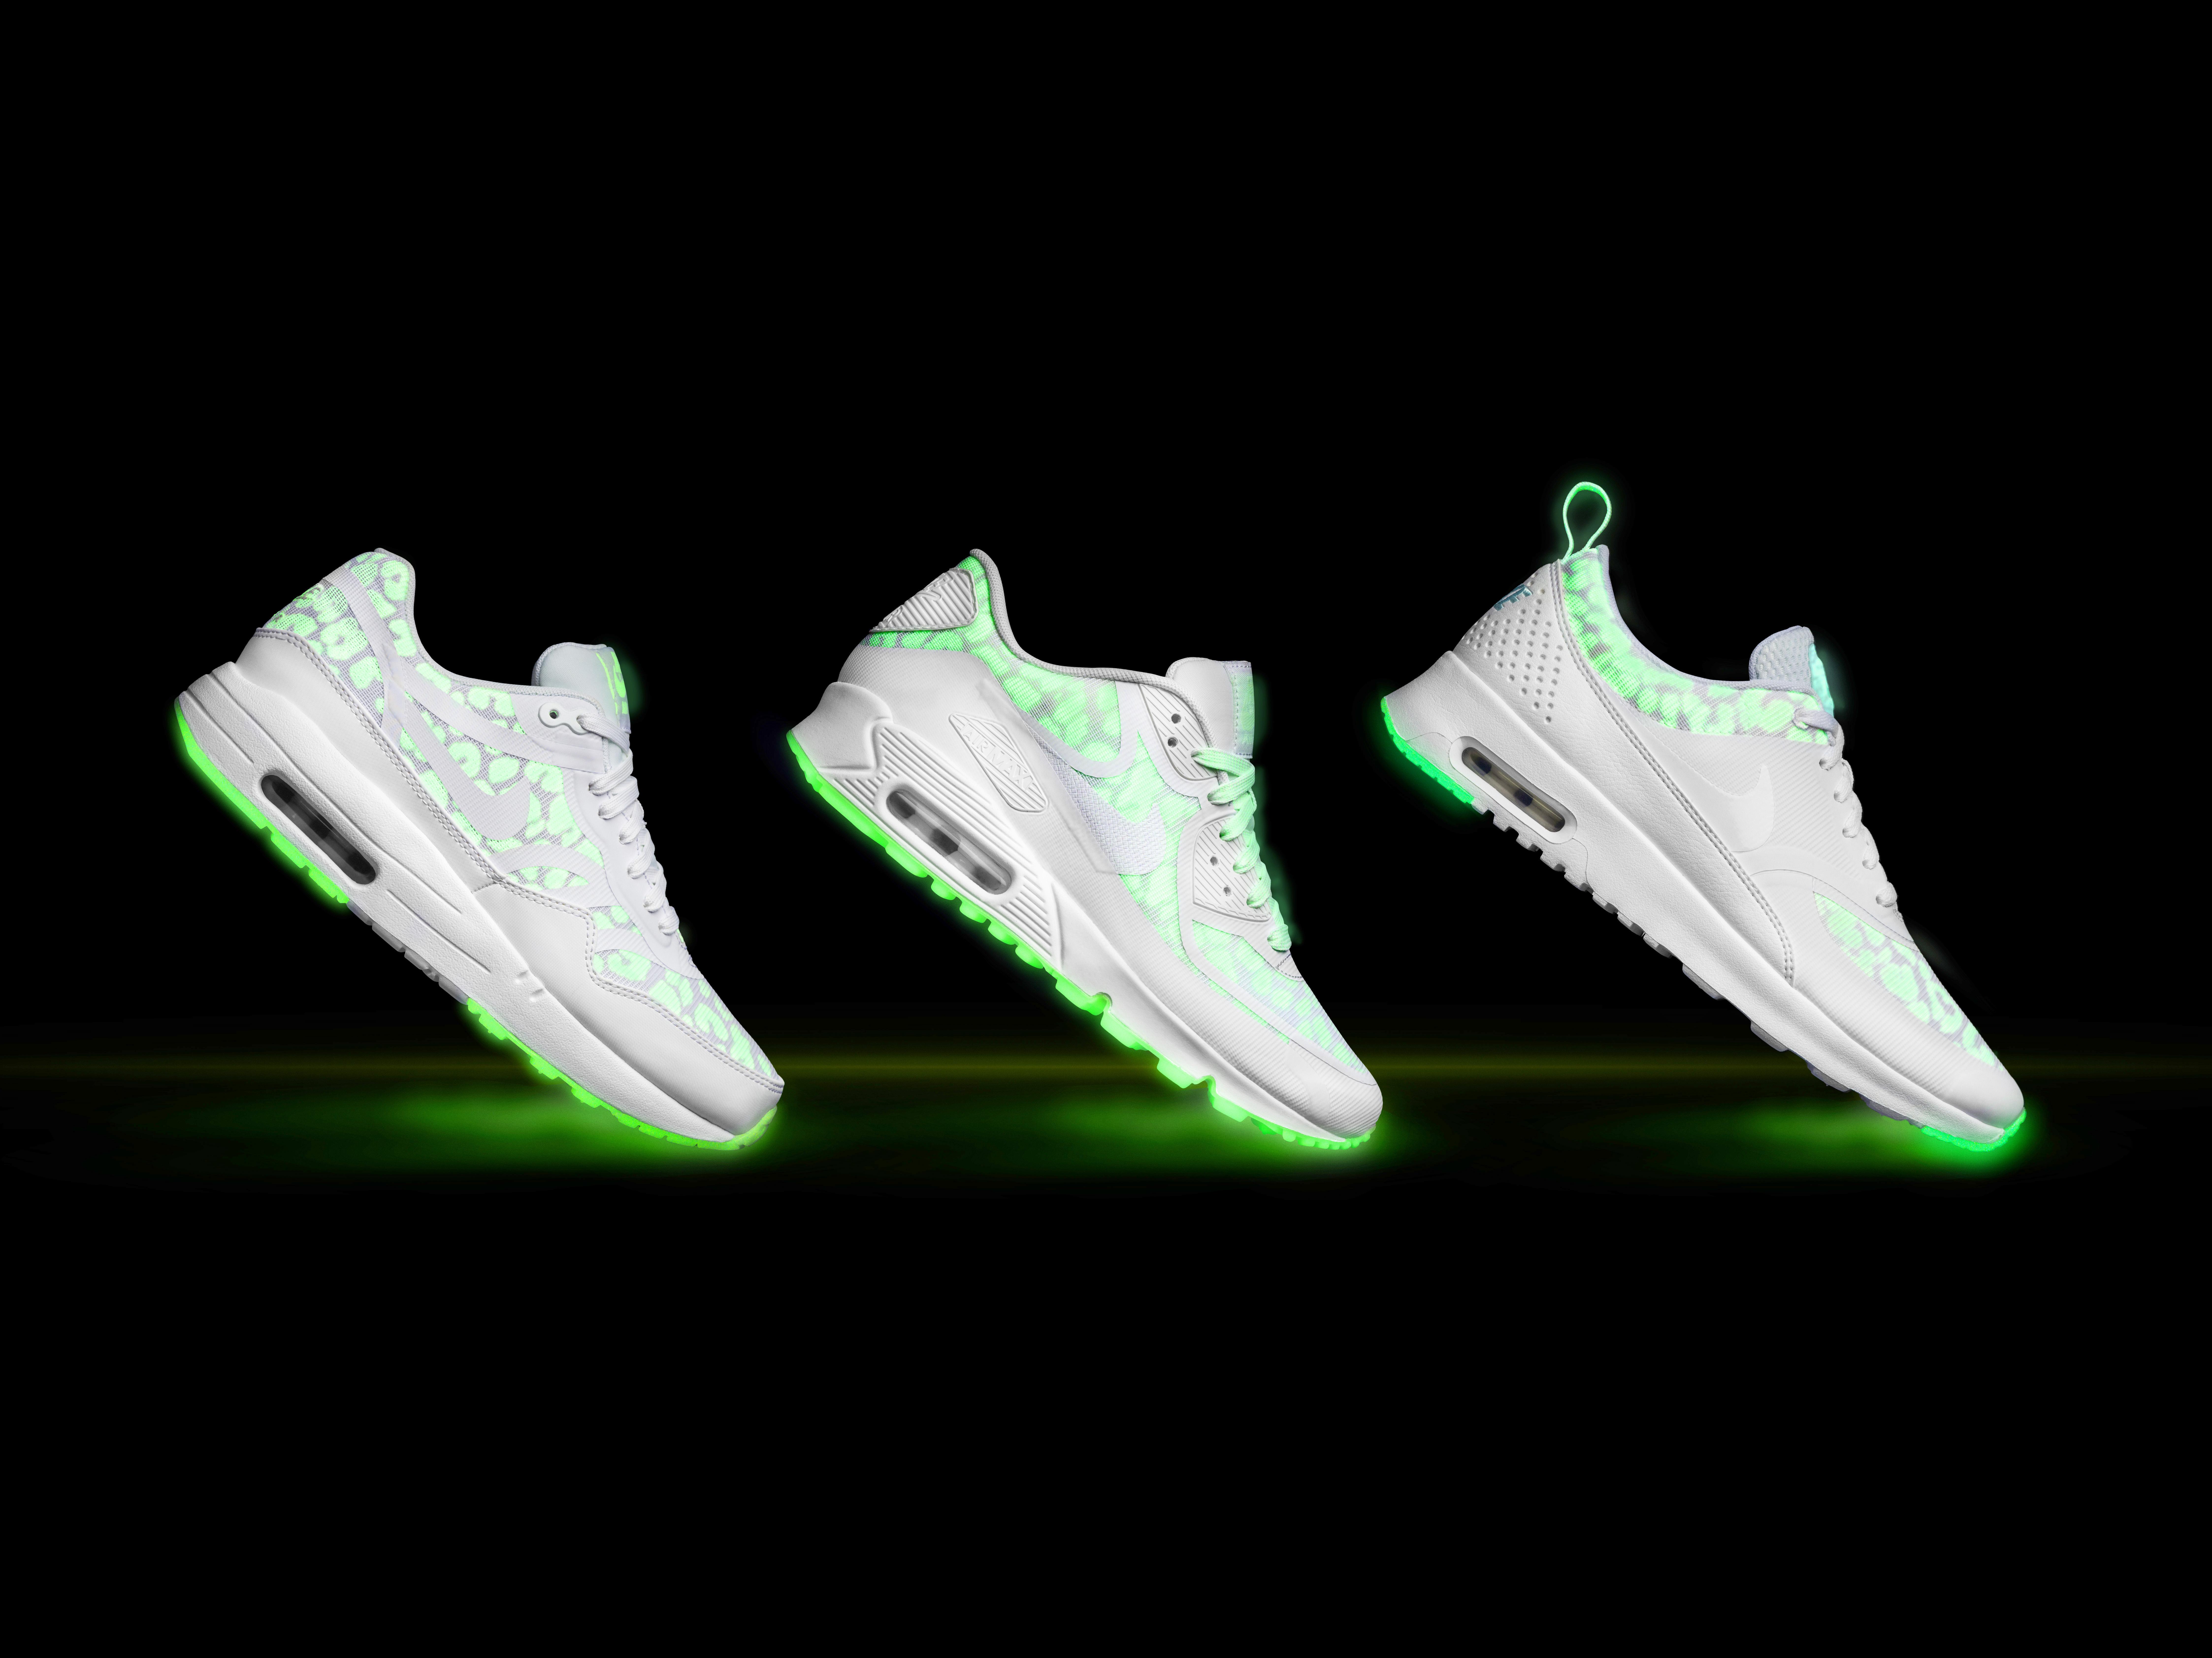 Nike Air Max 1 Glow In The Dark